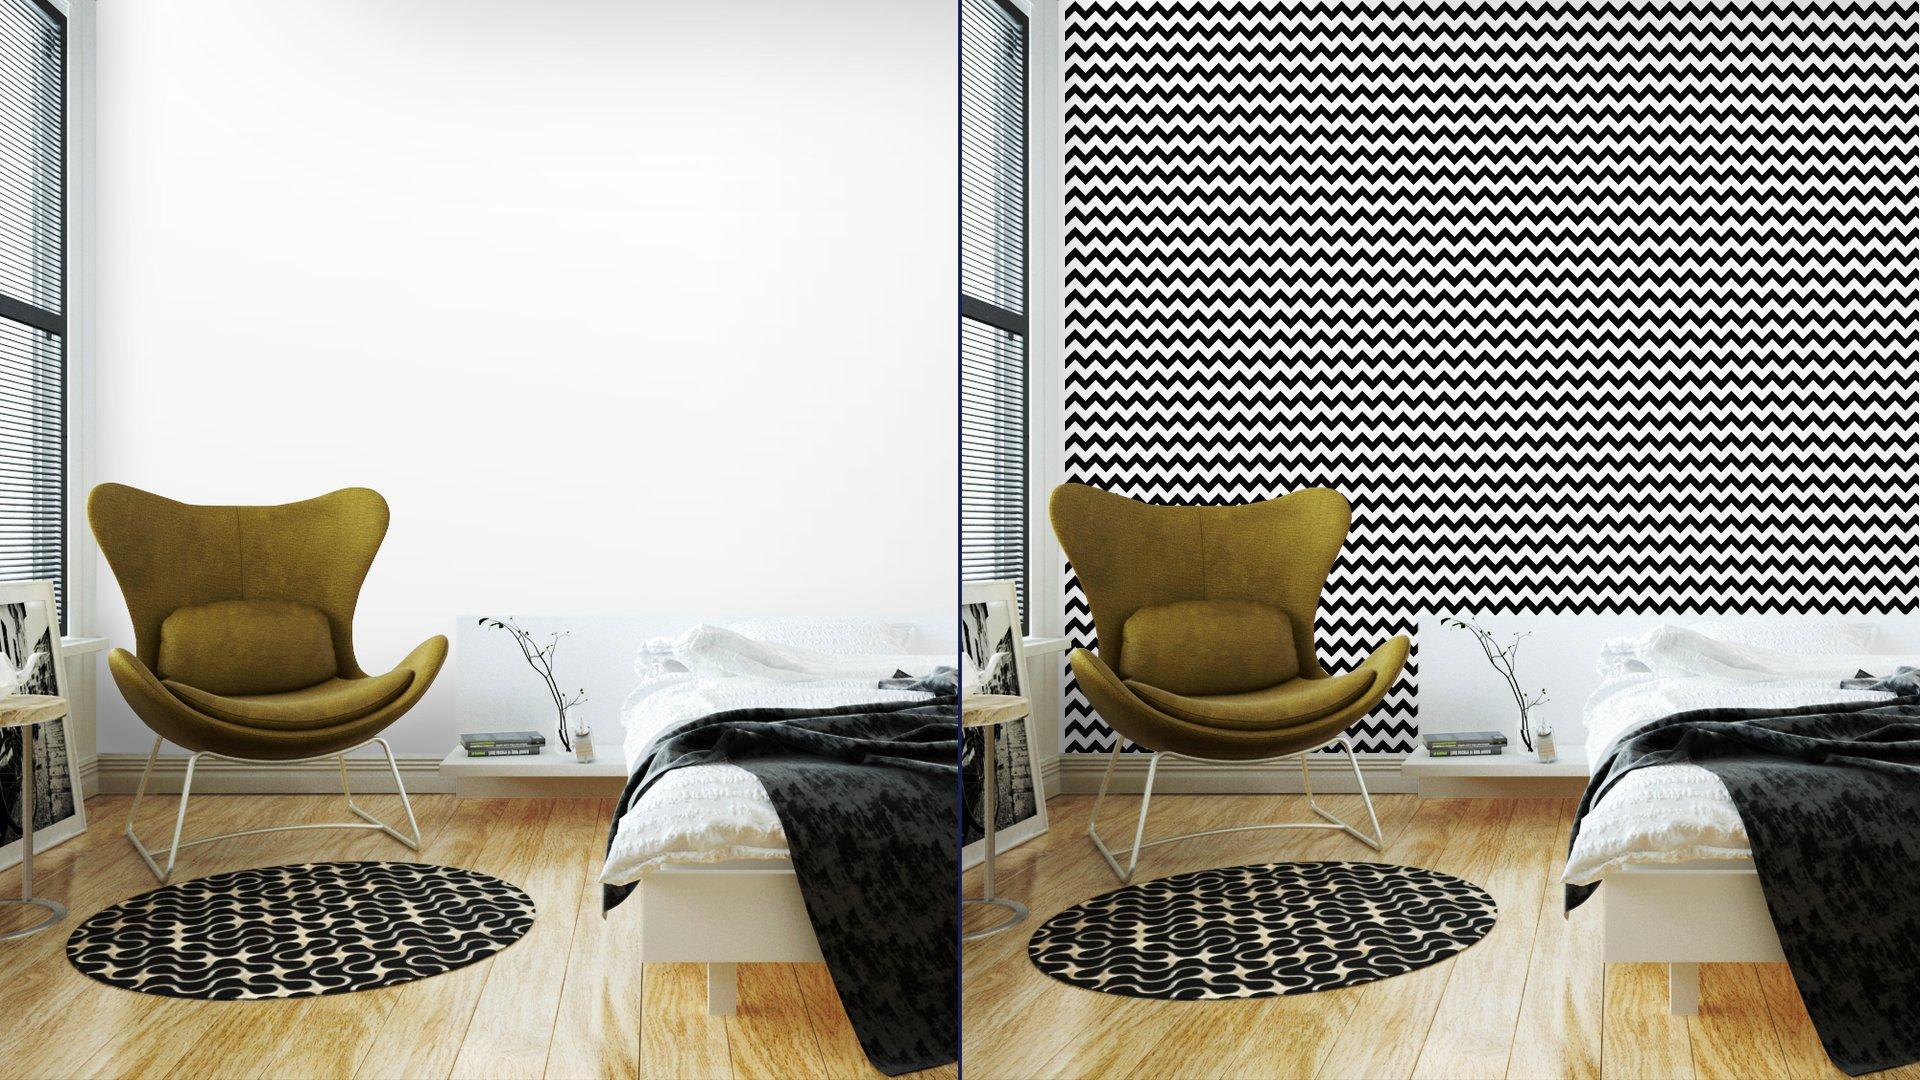 Fotomurales mexico papeles pintados resumen sin patron geometrico zigzag vector 2 - Papel Tapiz Patrón Zigzag Blanco y Negro